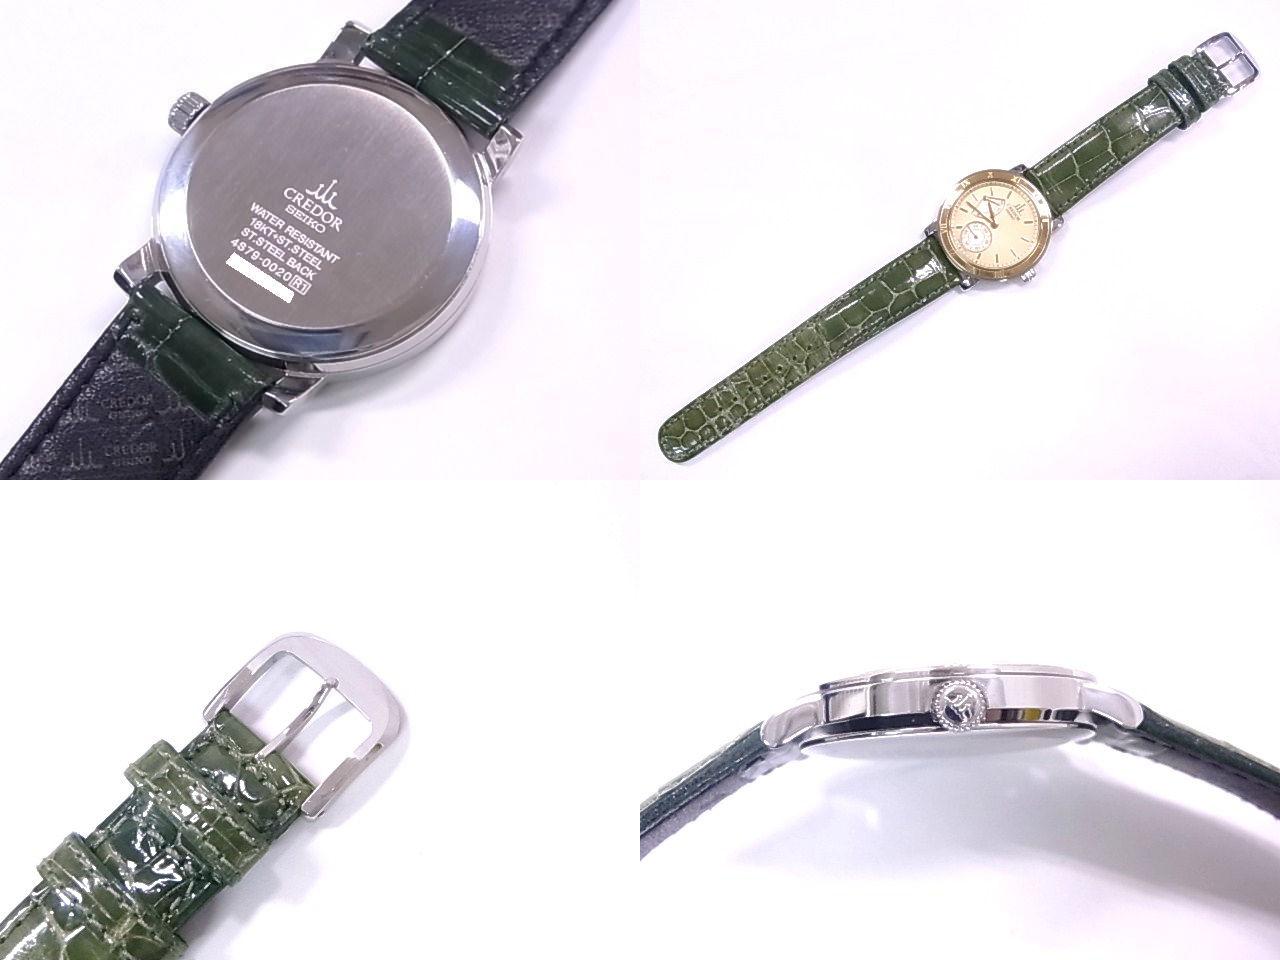 精工SEIKO 4S79-0020 kuredorupawarizabu SS/K18YG×皮革象牙表盤手卷